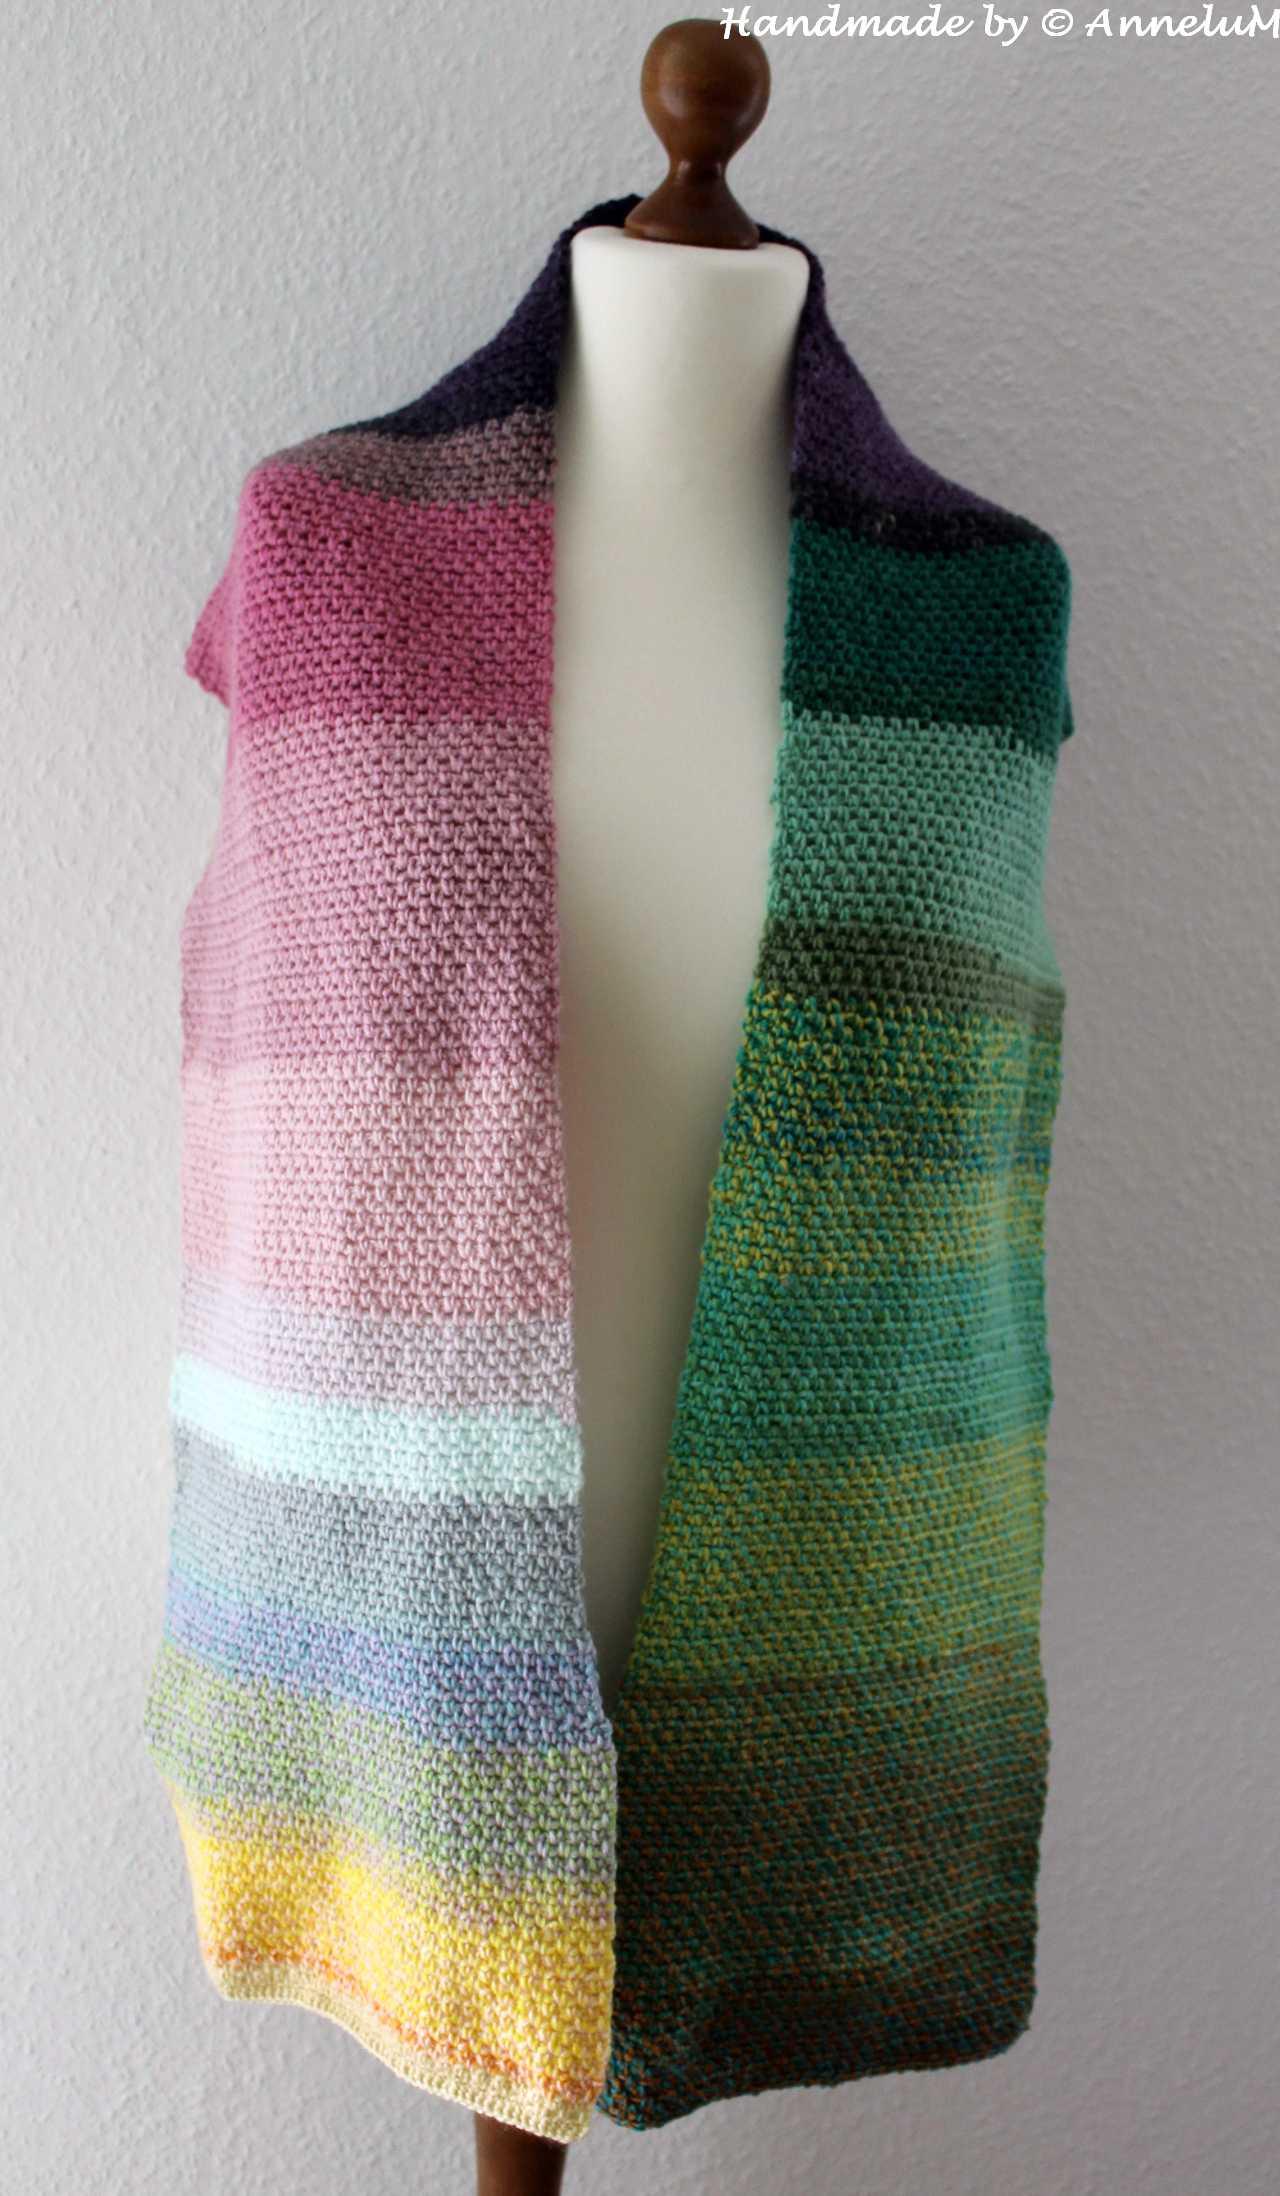 Moss-Stitch Schal Handmade by AnneluM